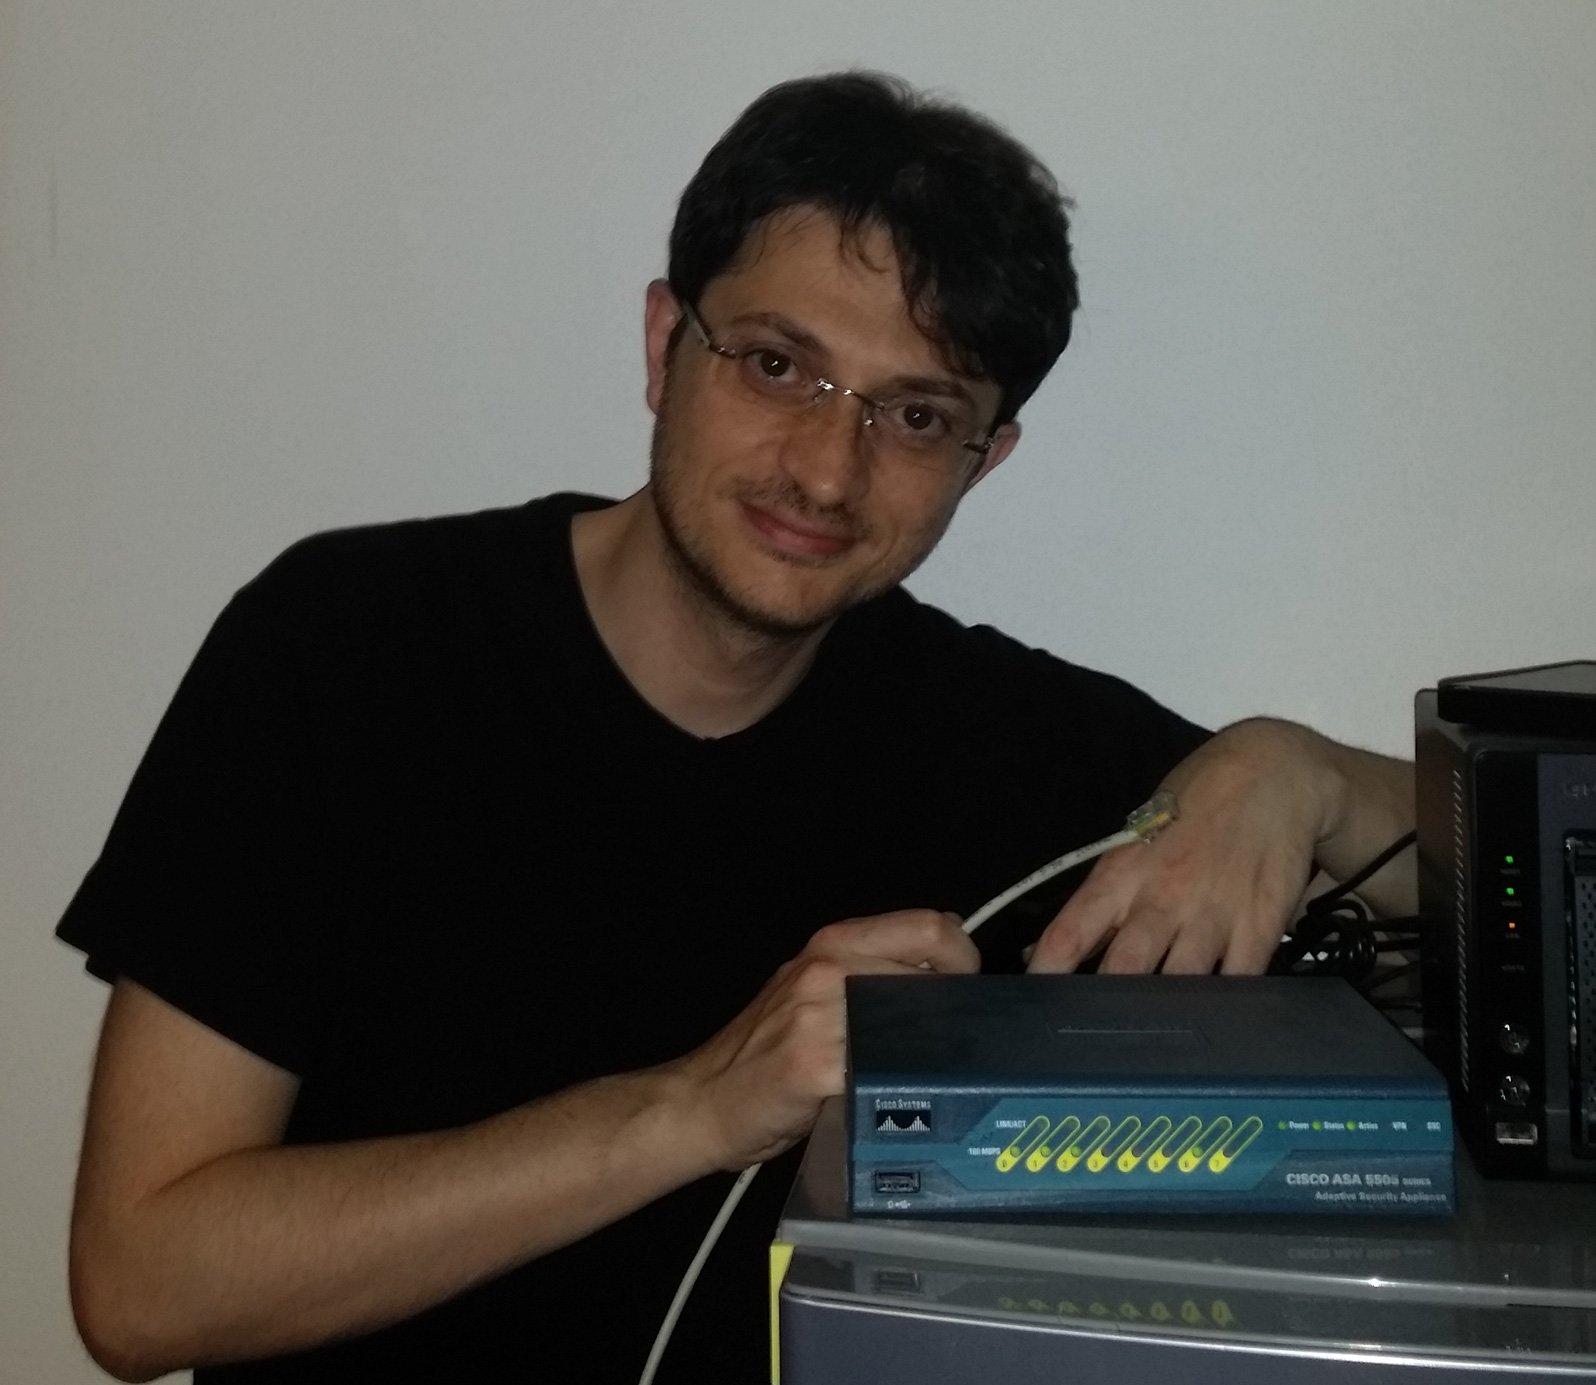 Italiani all'estero nel settore ICT: dalla Repubblica Ceca Stefano Laguardia